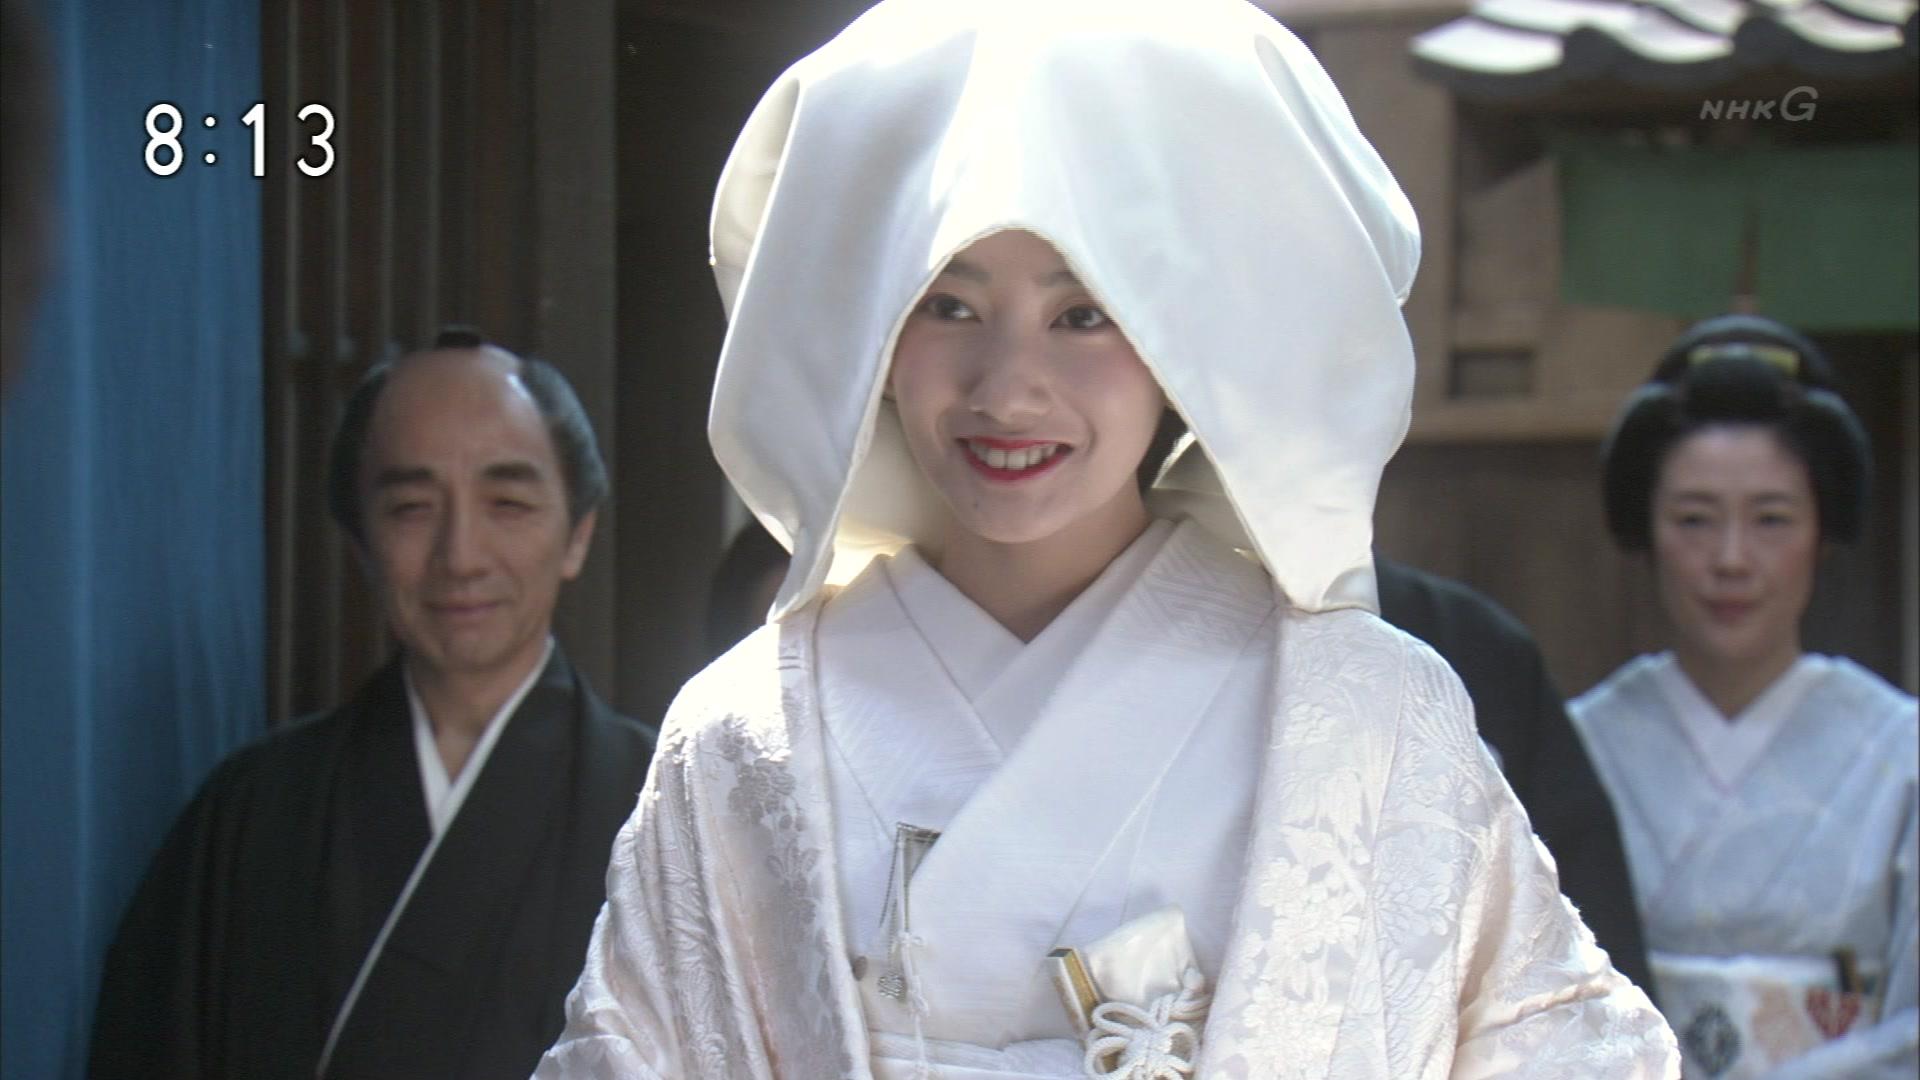 2015-10-10 08:00 連続テレビ小説 あさが来た(12)「ふたつの花びら」 2489